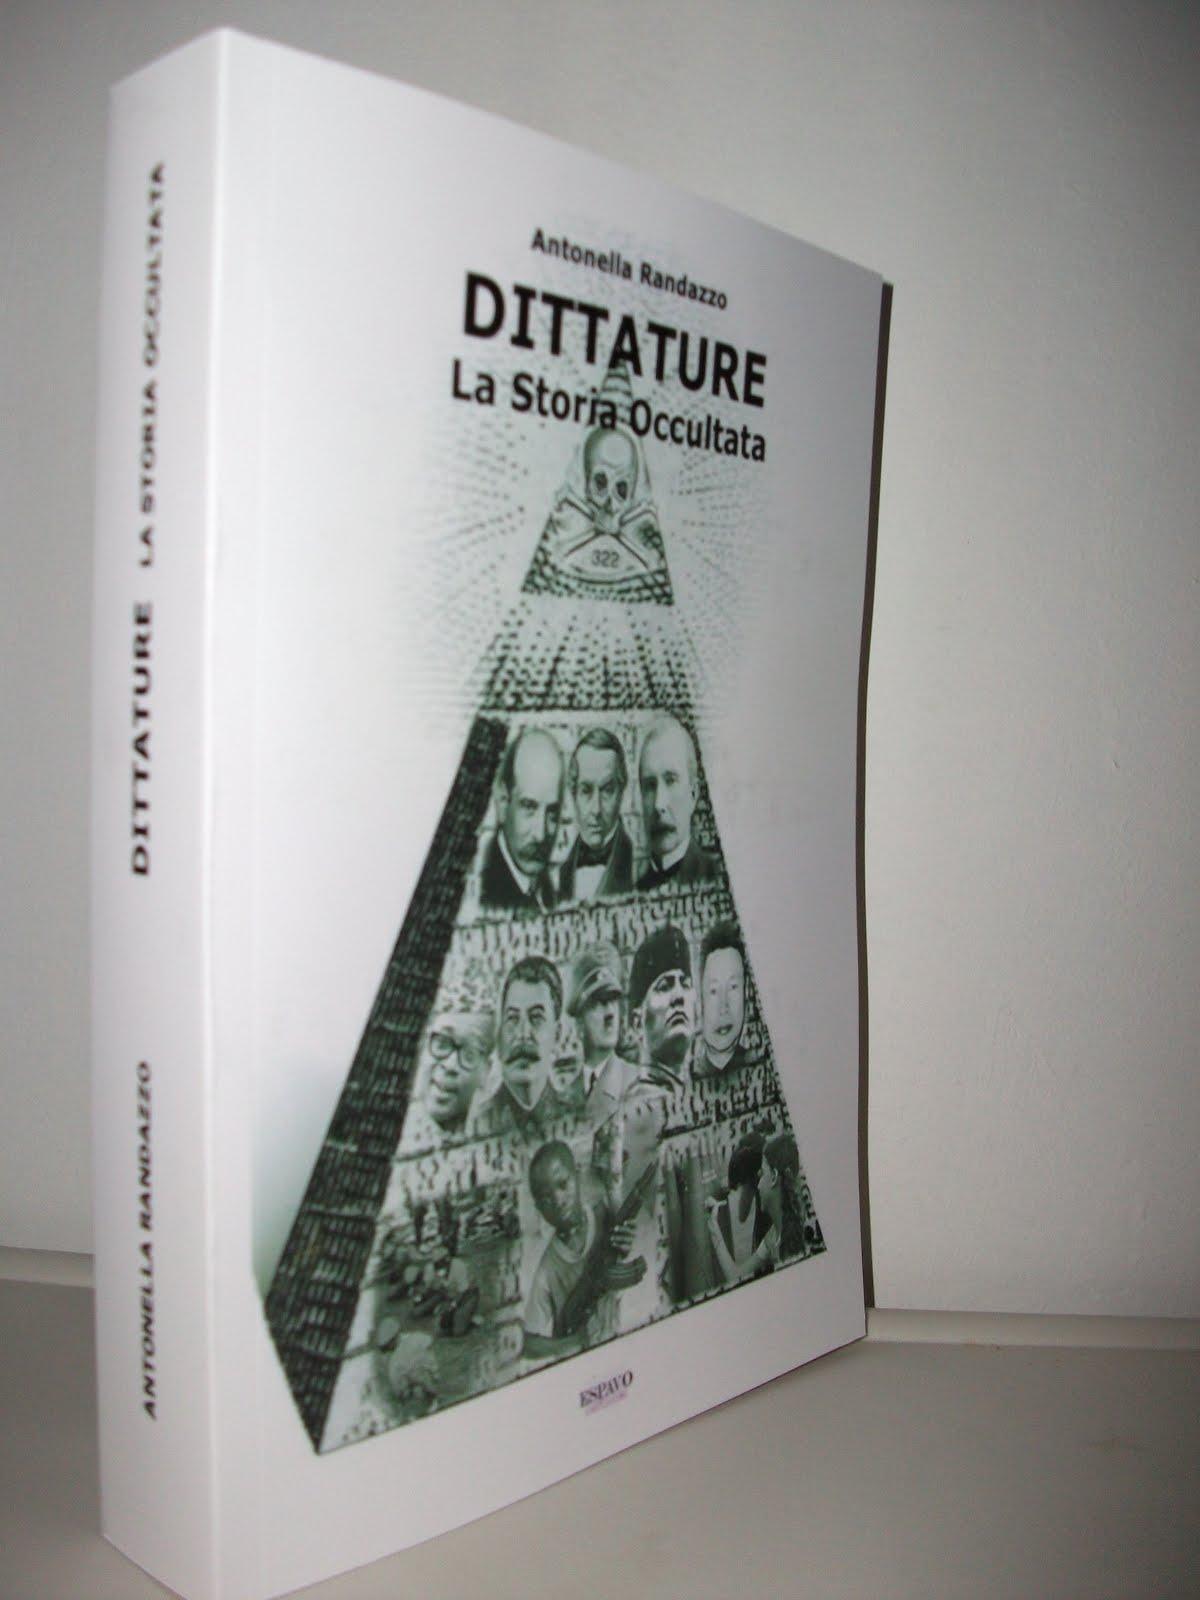 DITTATURE La Storia Occultata